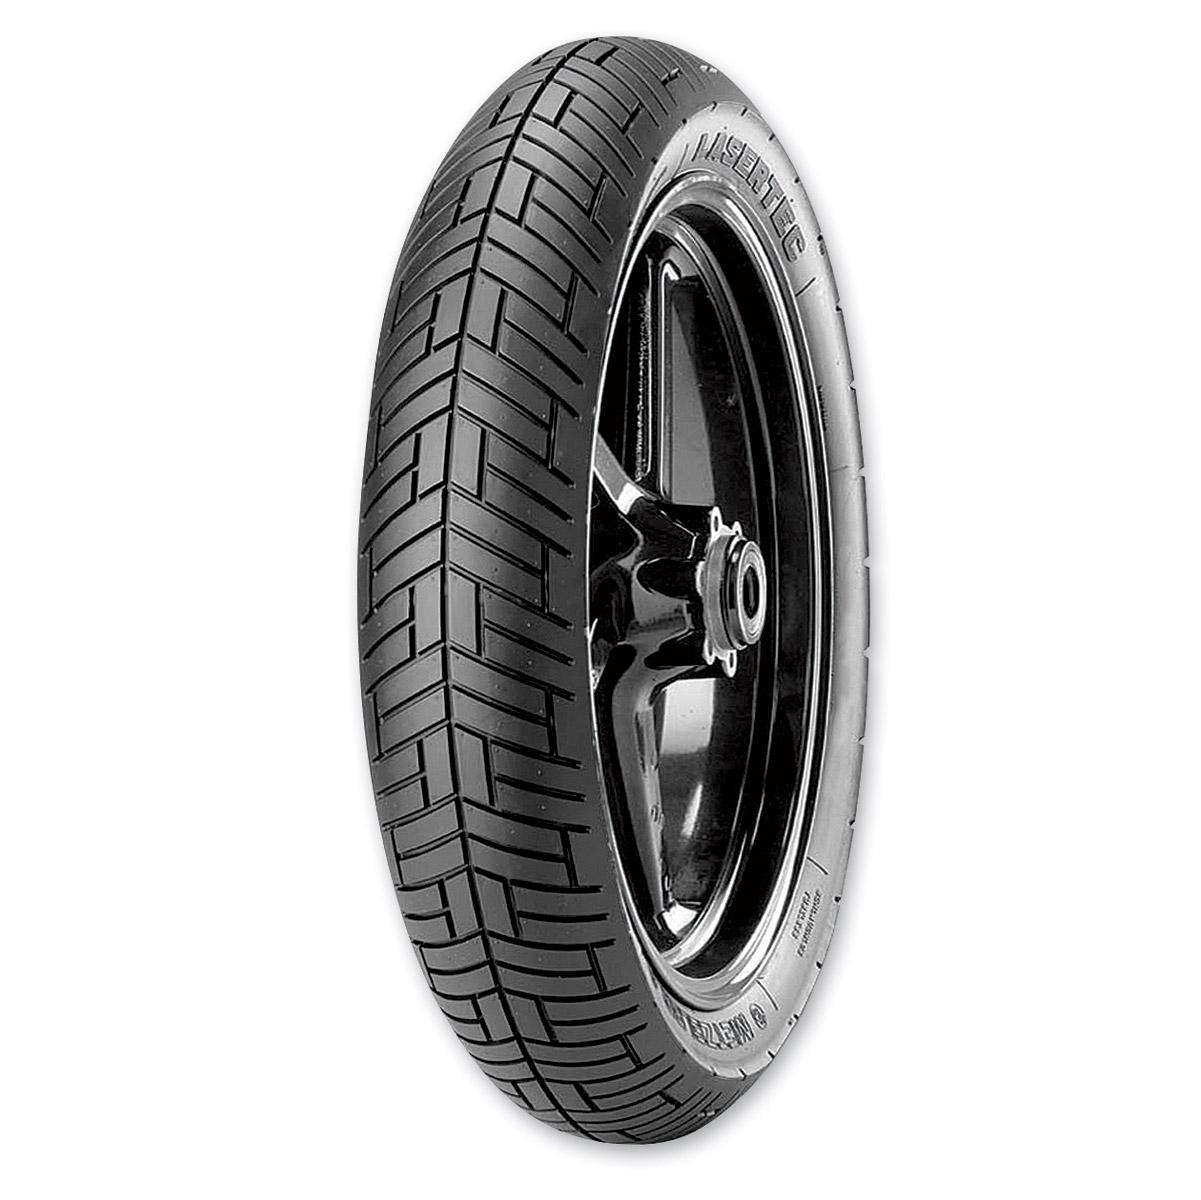 Metzeler Lasertec 90/90-21 Front Tire